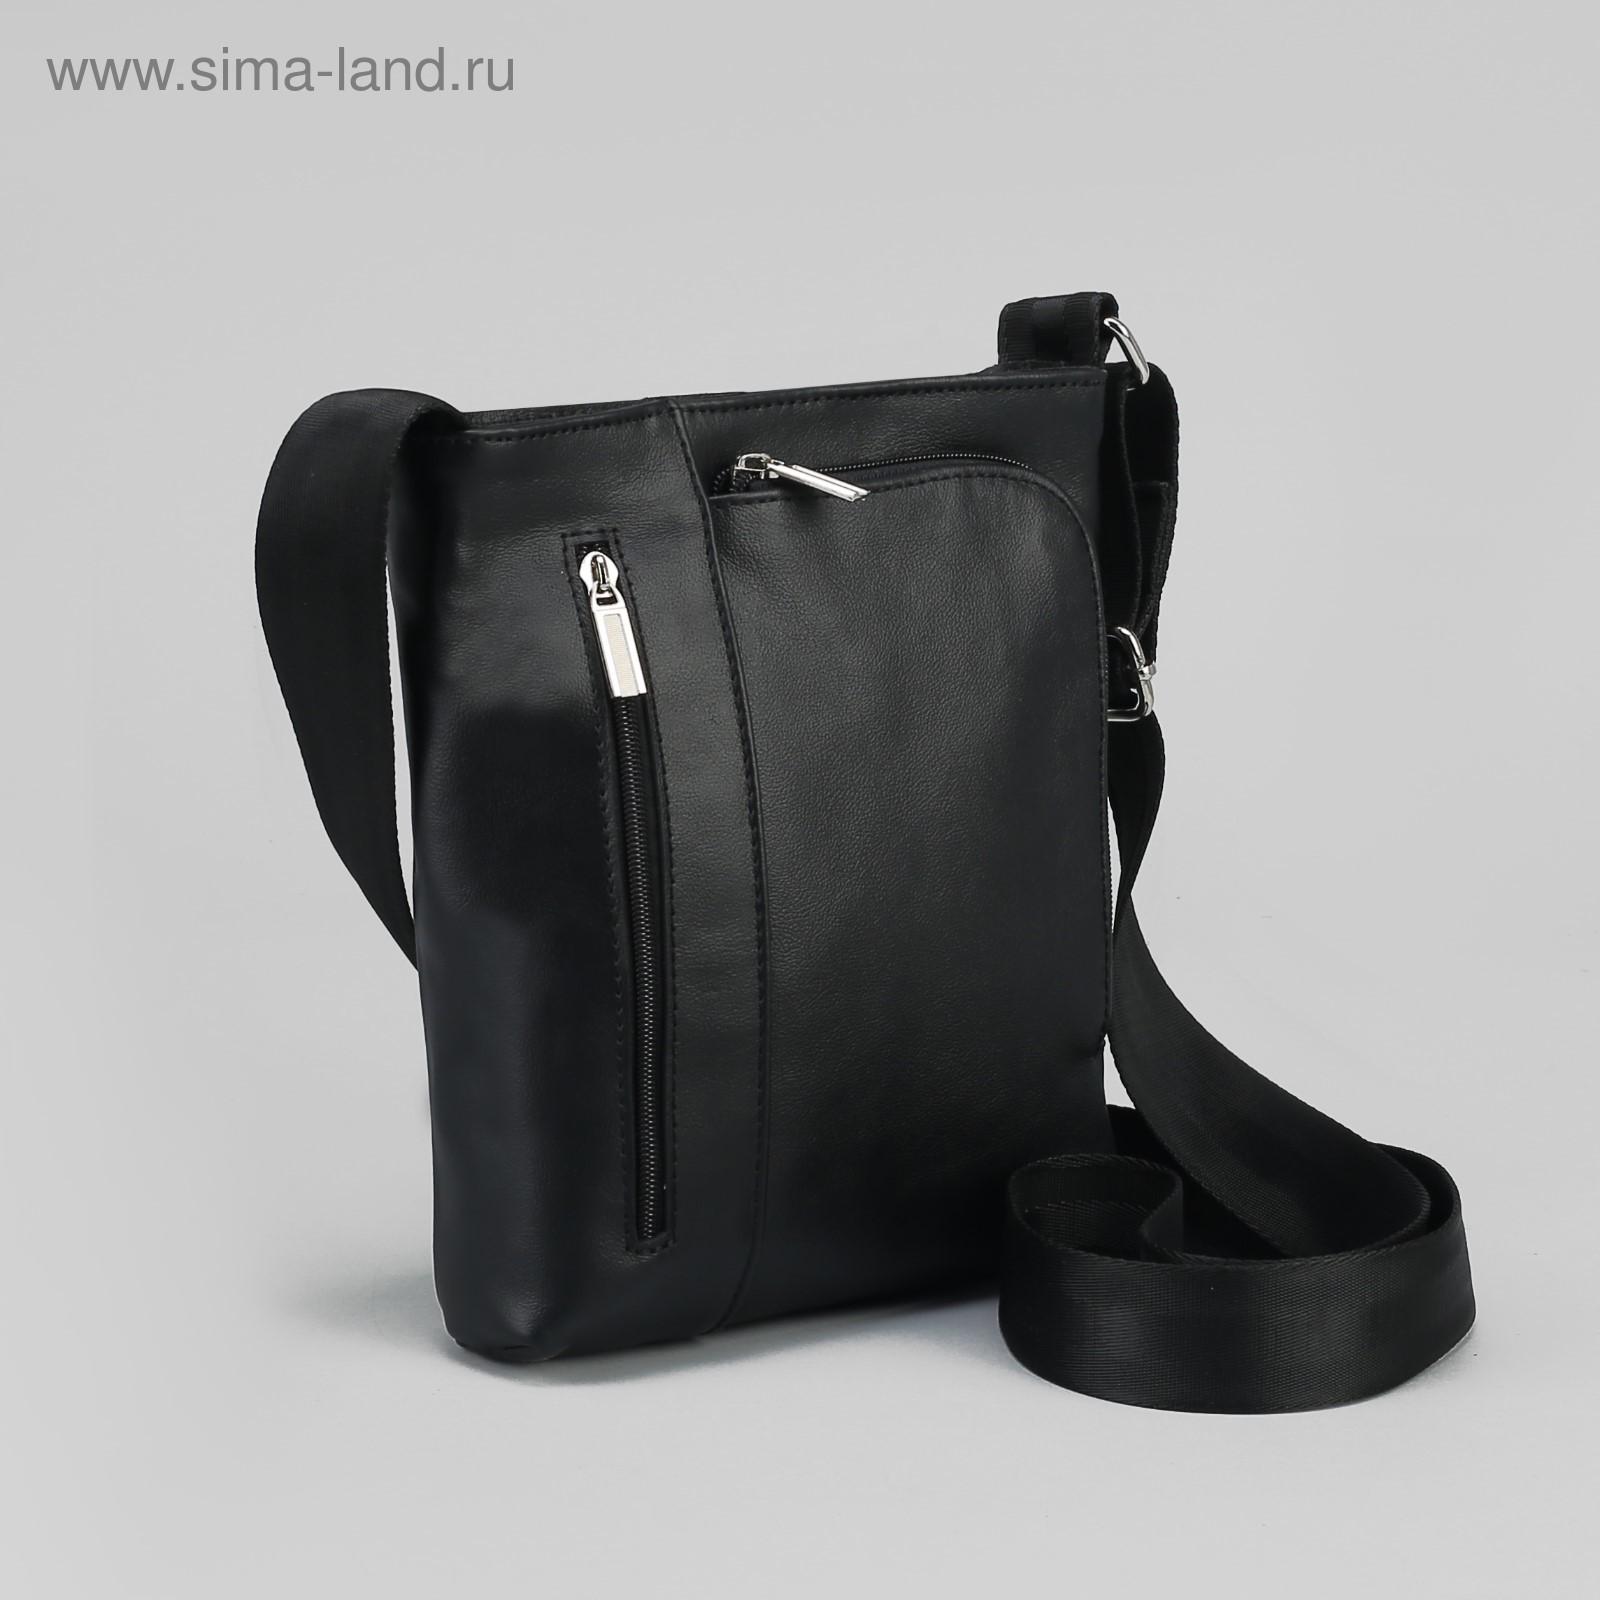 8b741295b688 Сумка мужская, отдел на молнии, 2 наружных кармана, длинный ремень, цвет  чёрный